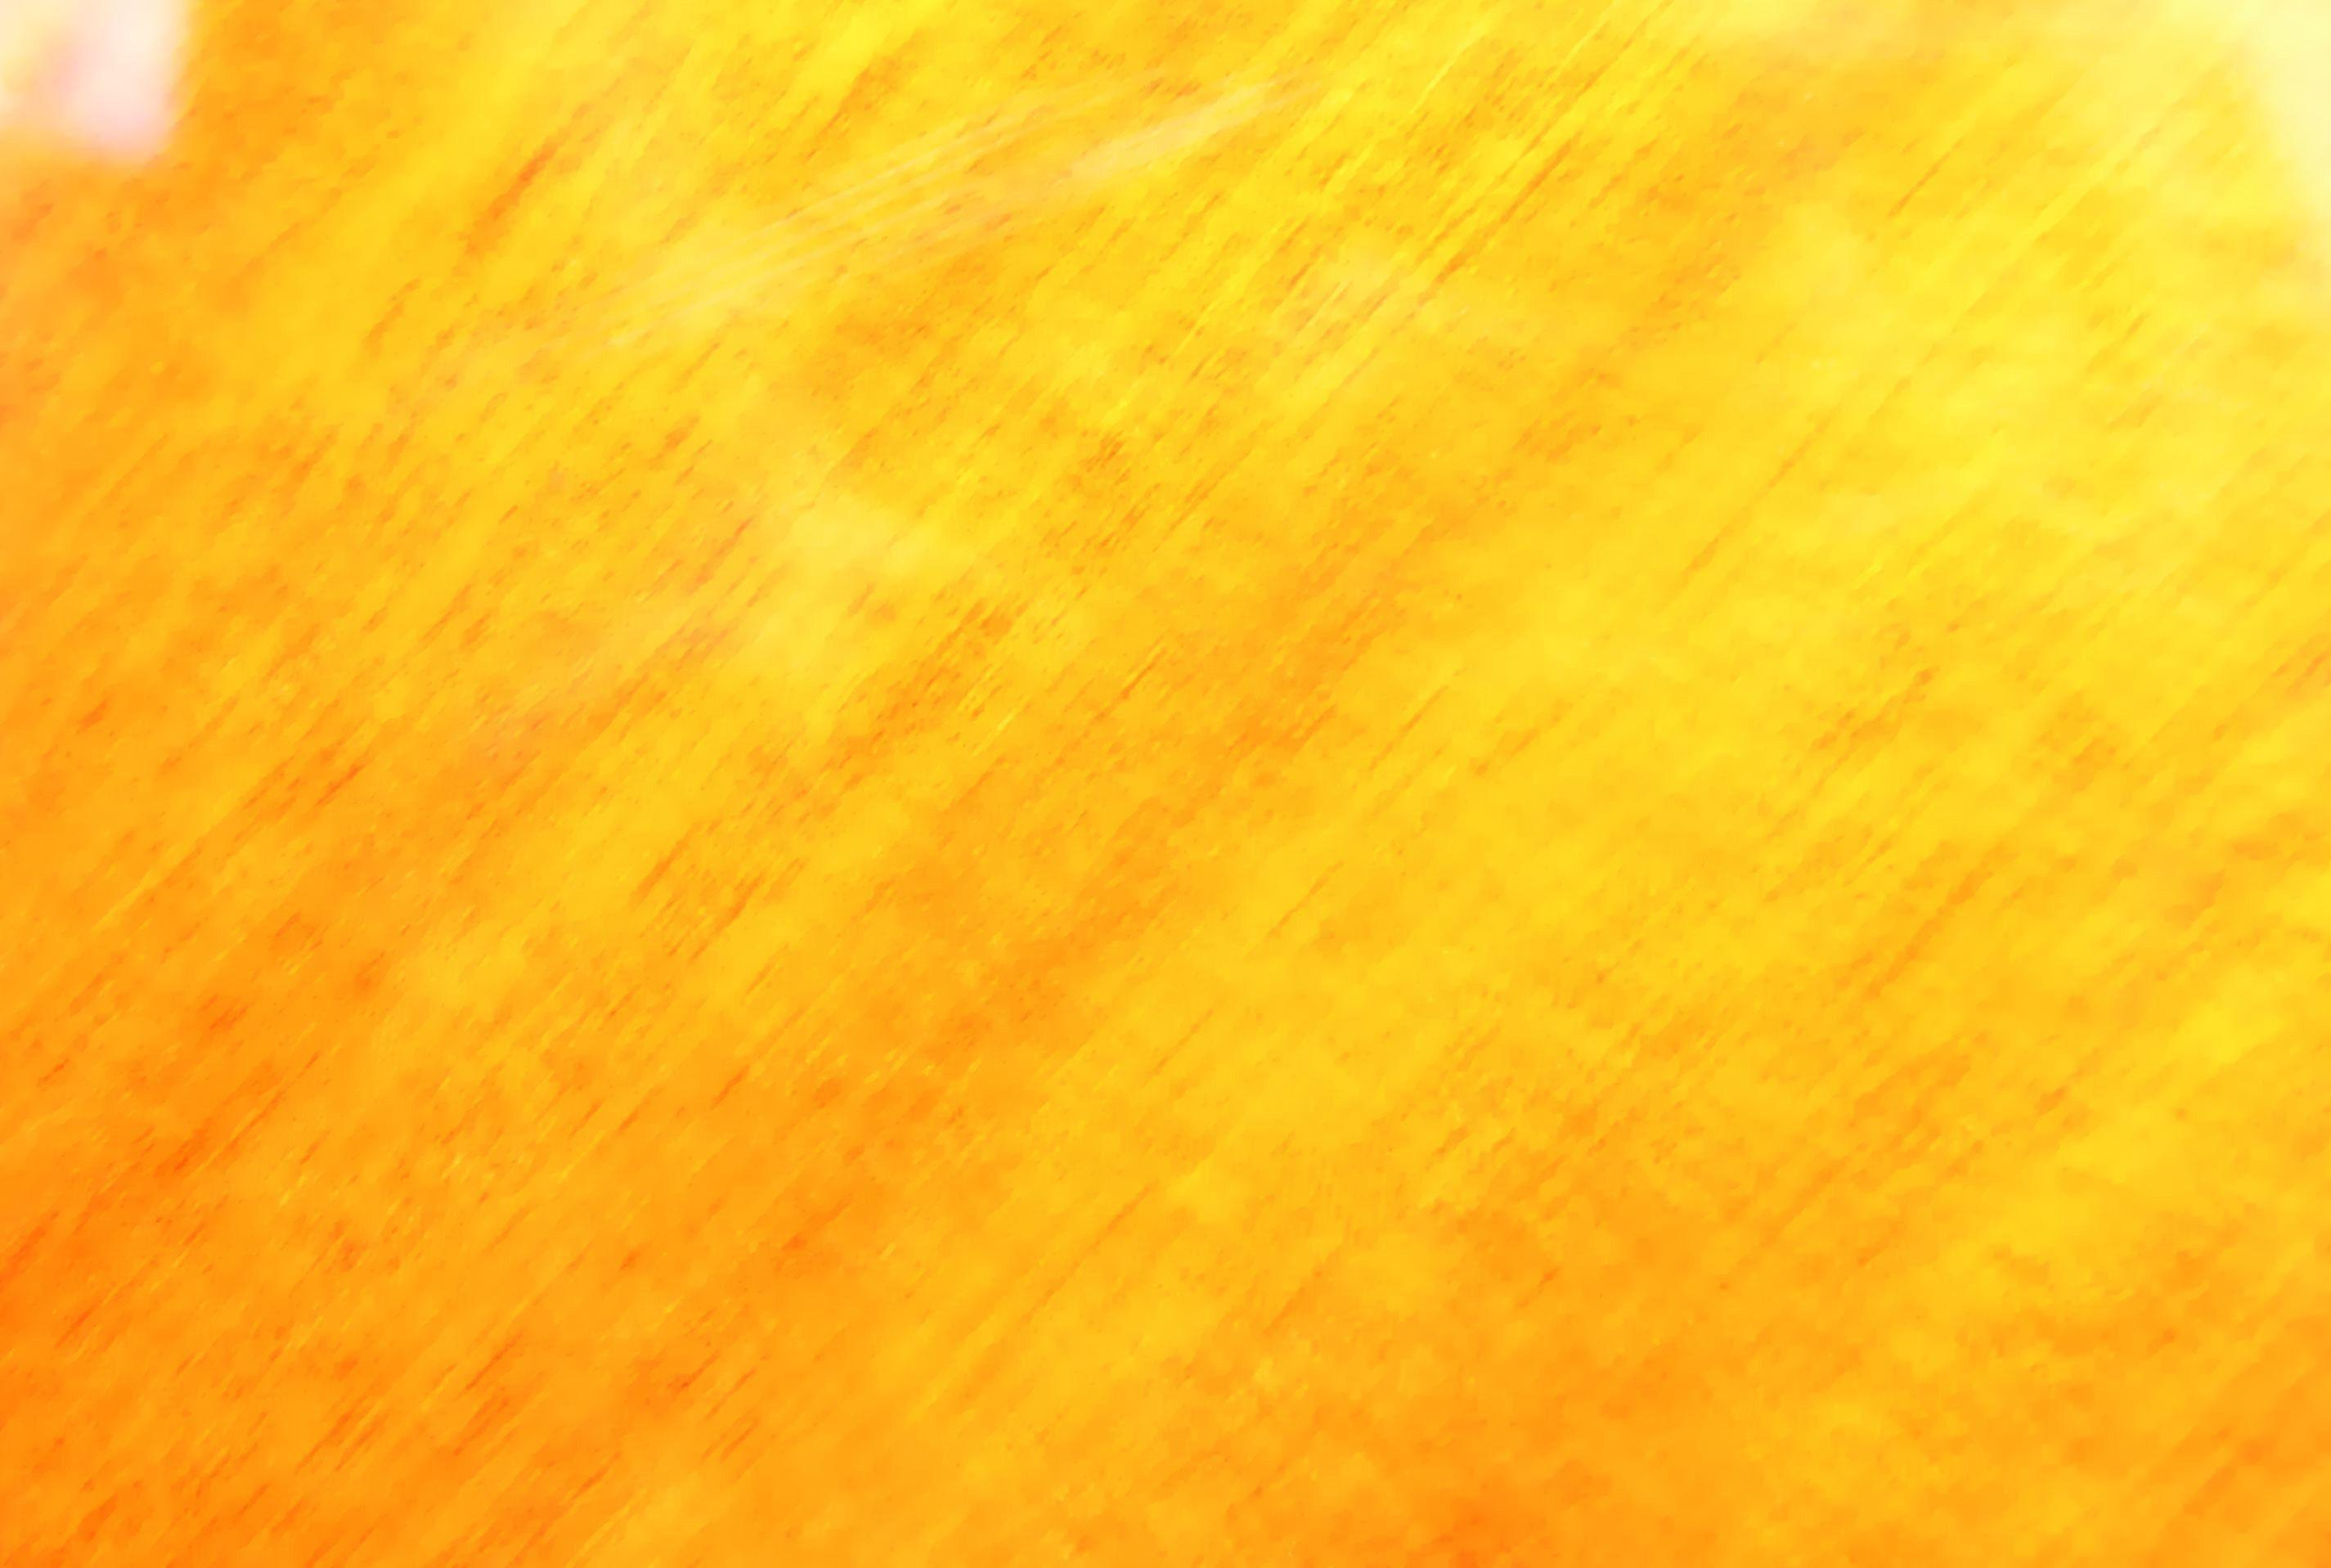 2850x1917 Hình nền rắn màu vàng